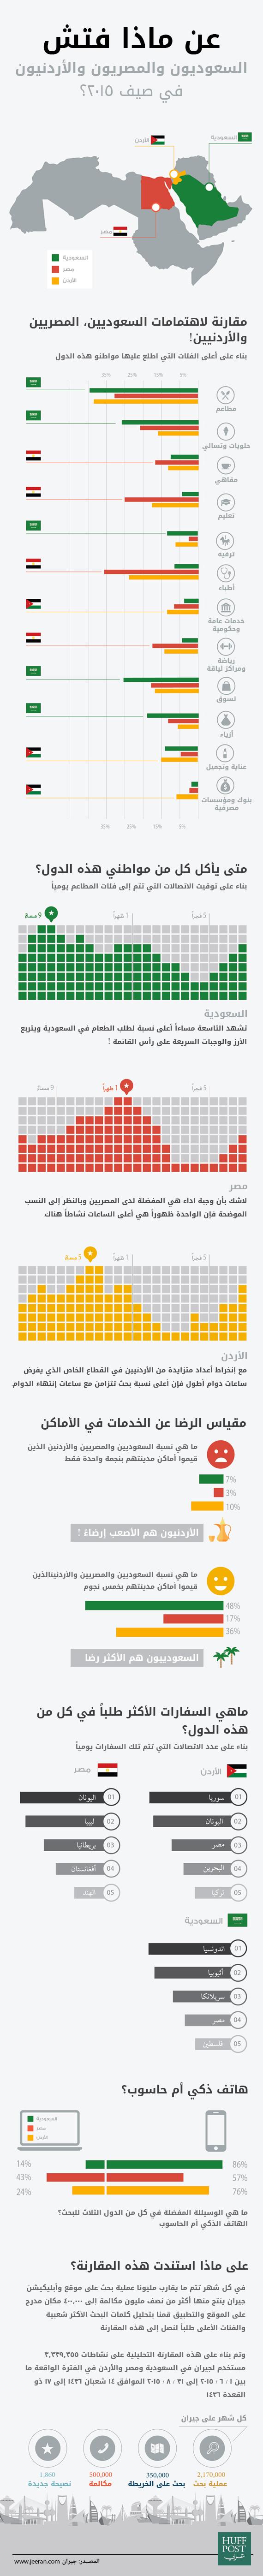 jeeran infographic